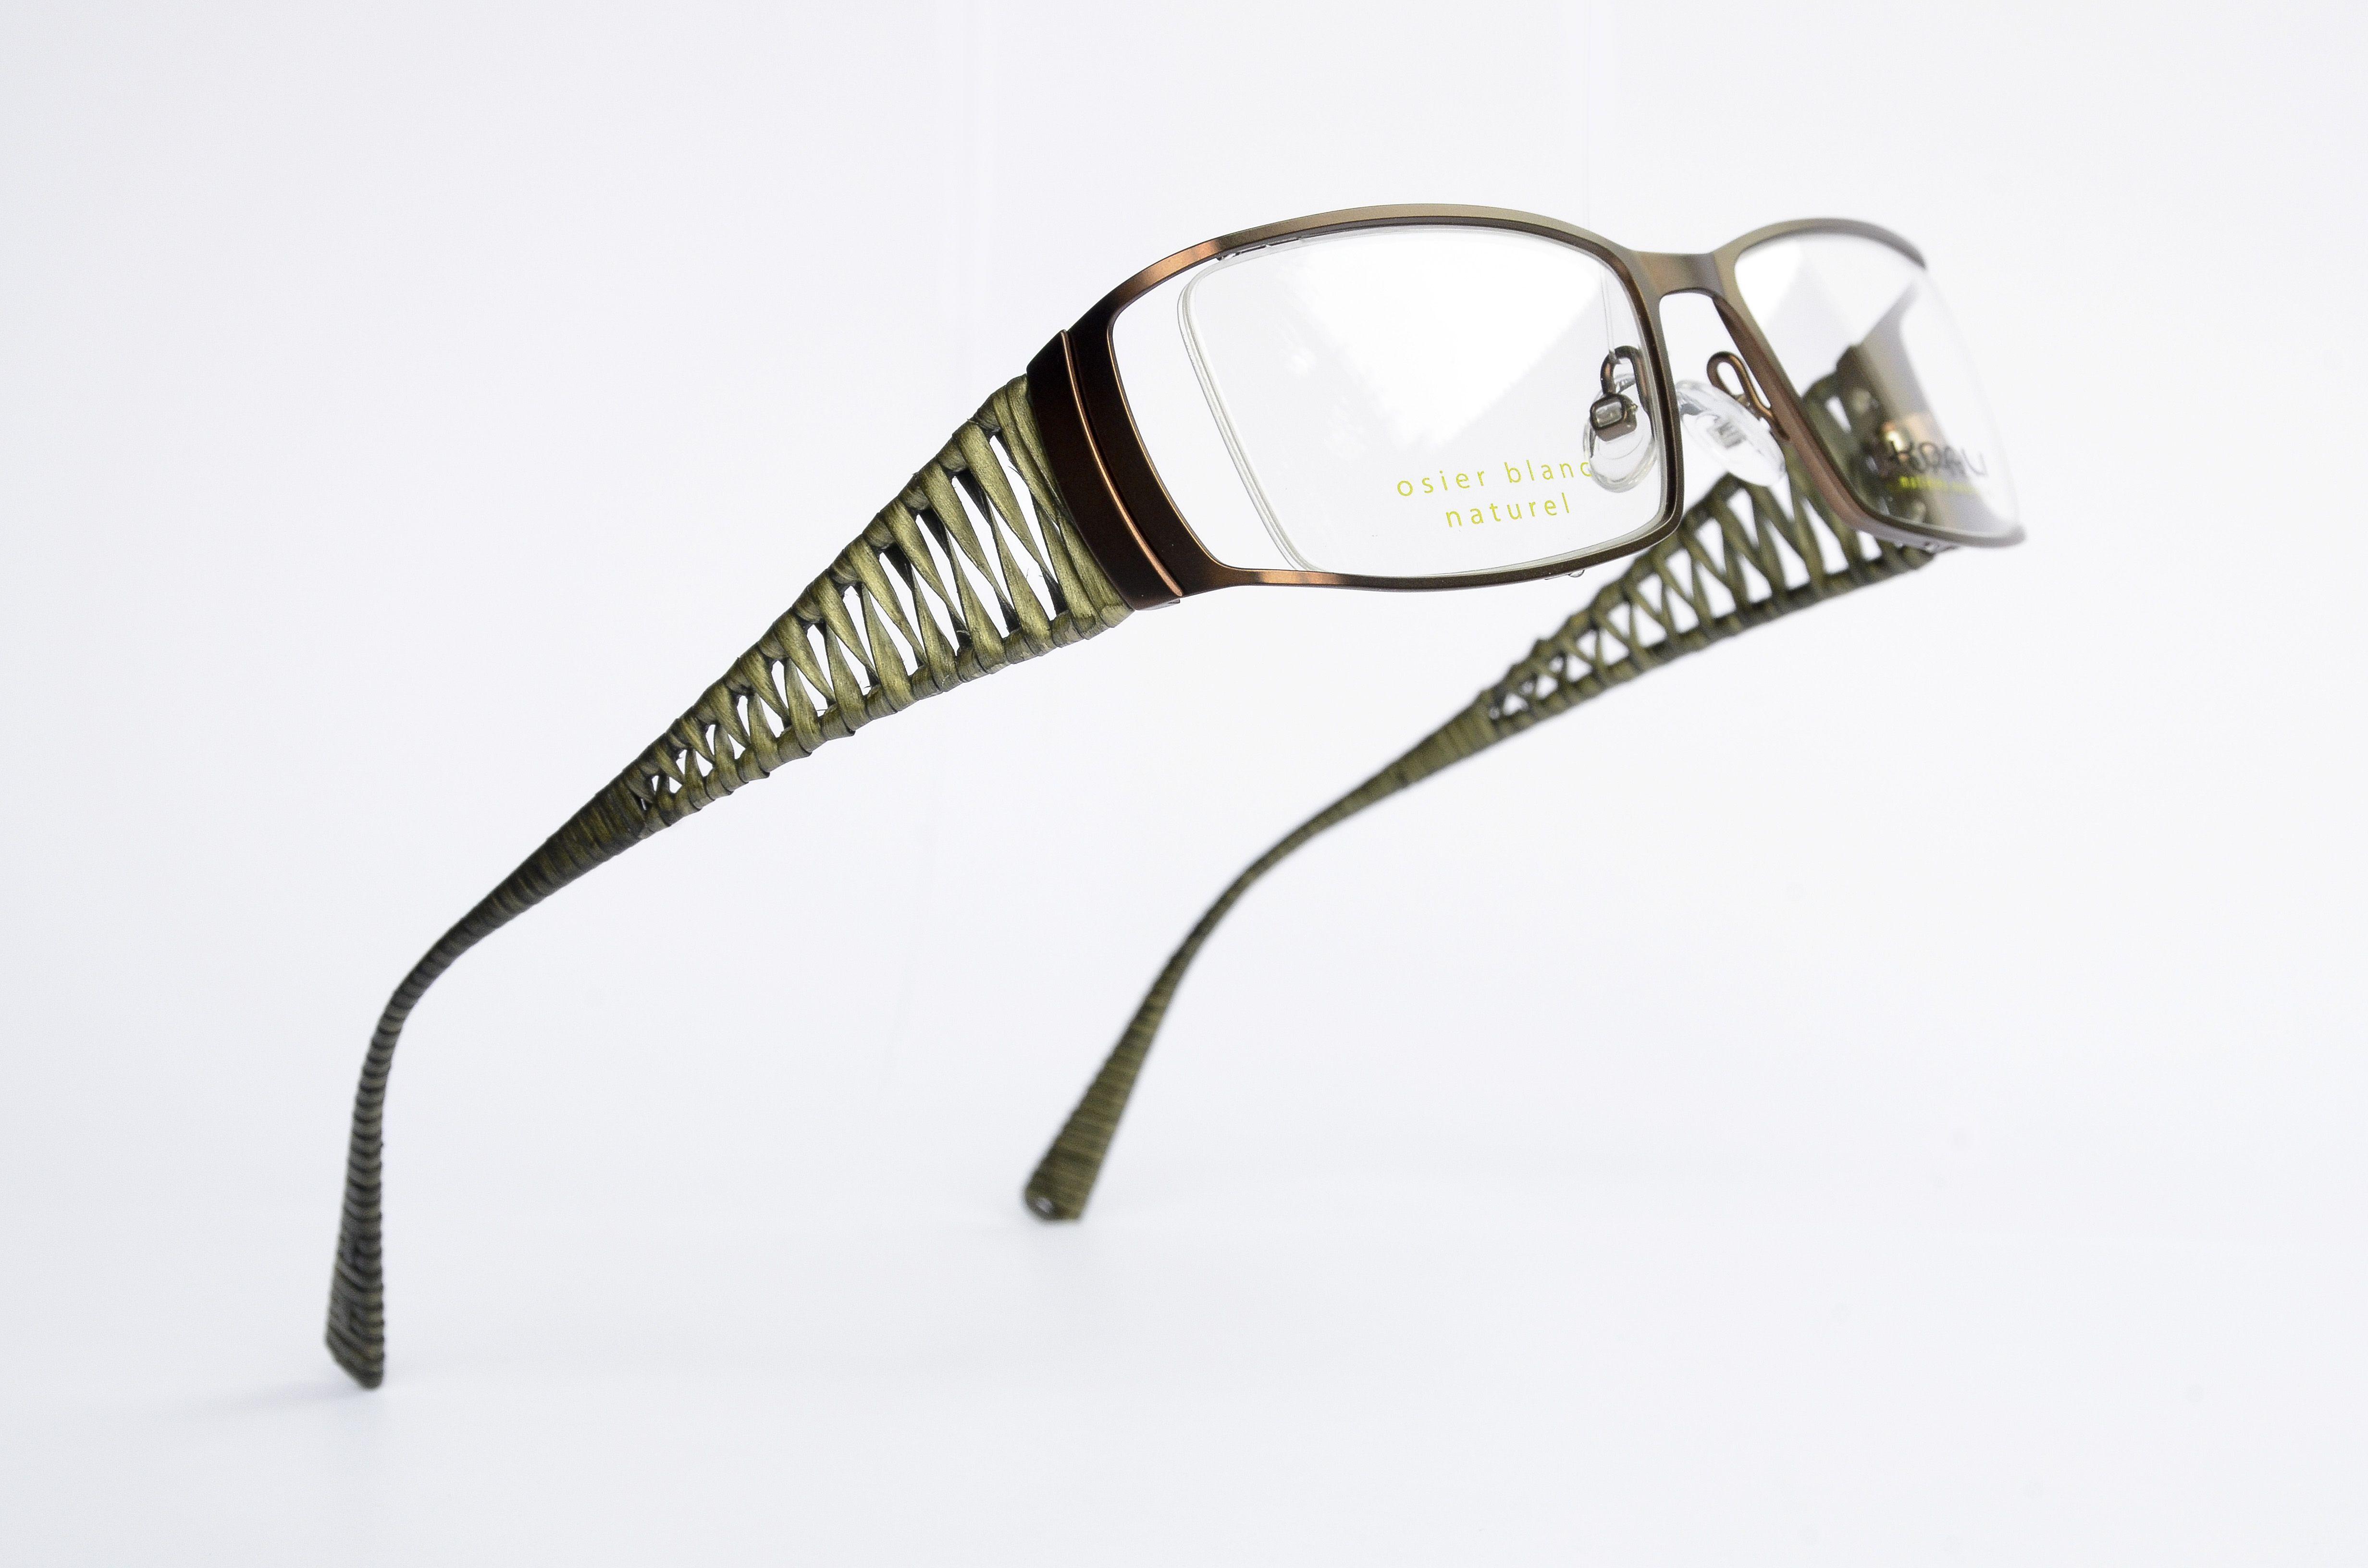 KOALI Wicker frames | KOALI | Pinterest | Frames and Wicker